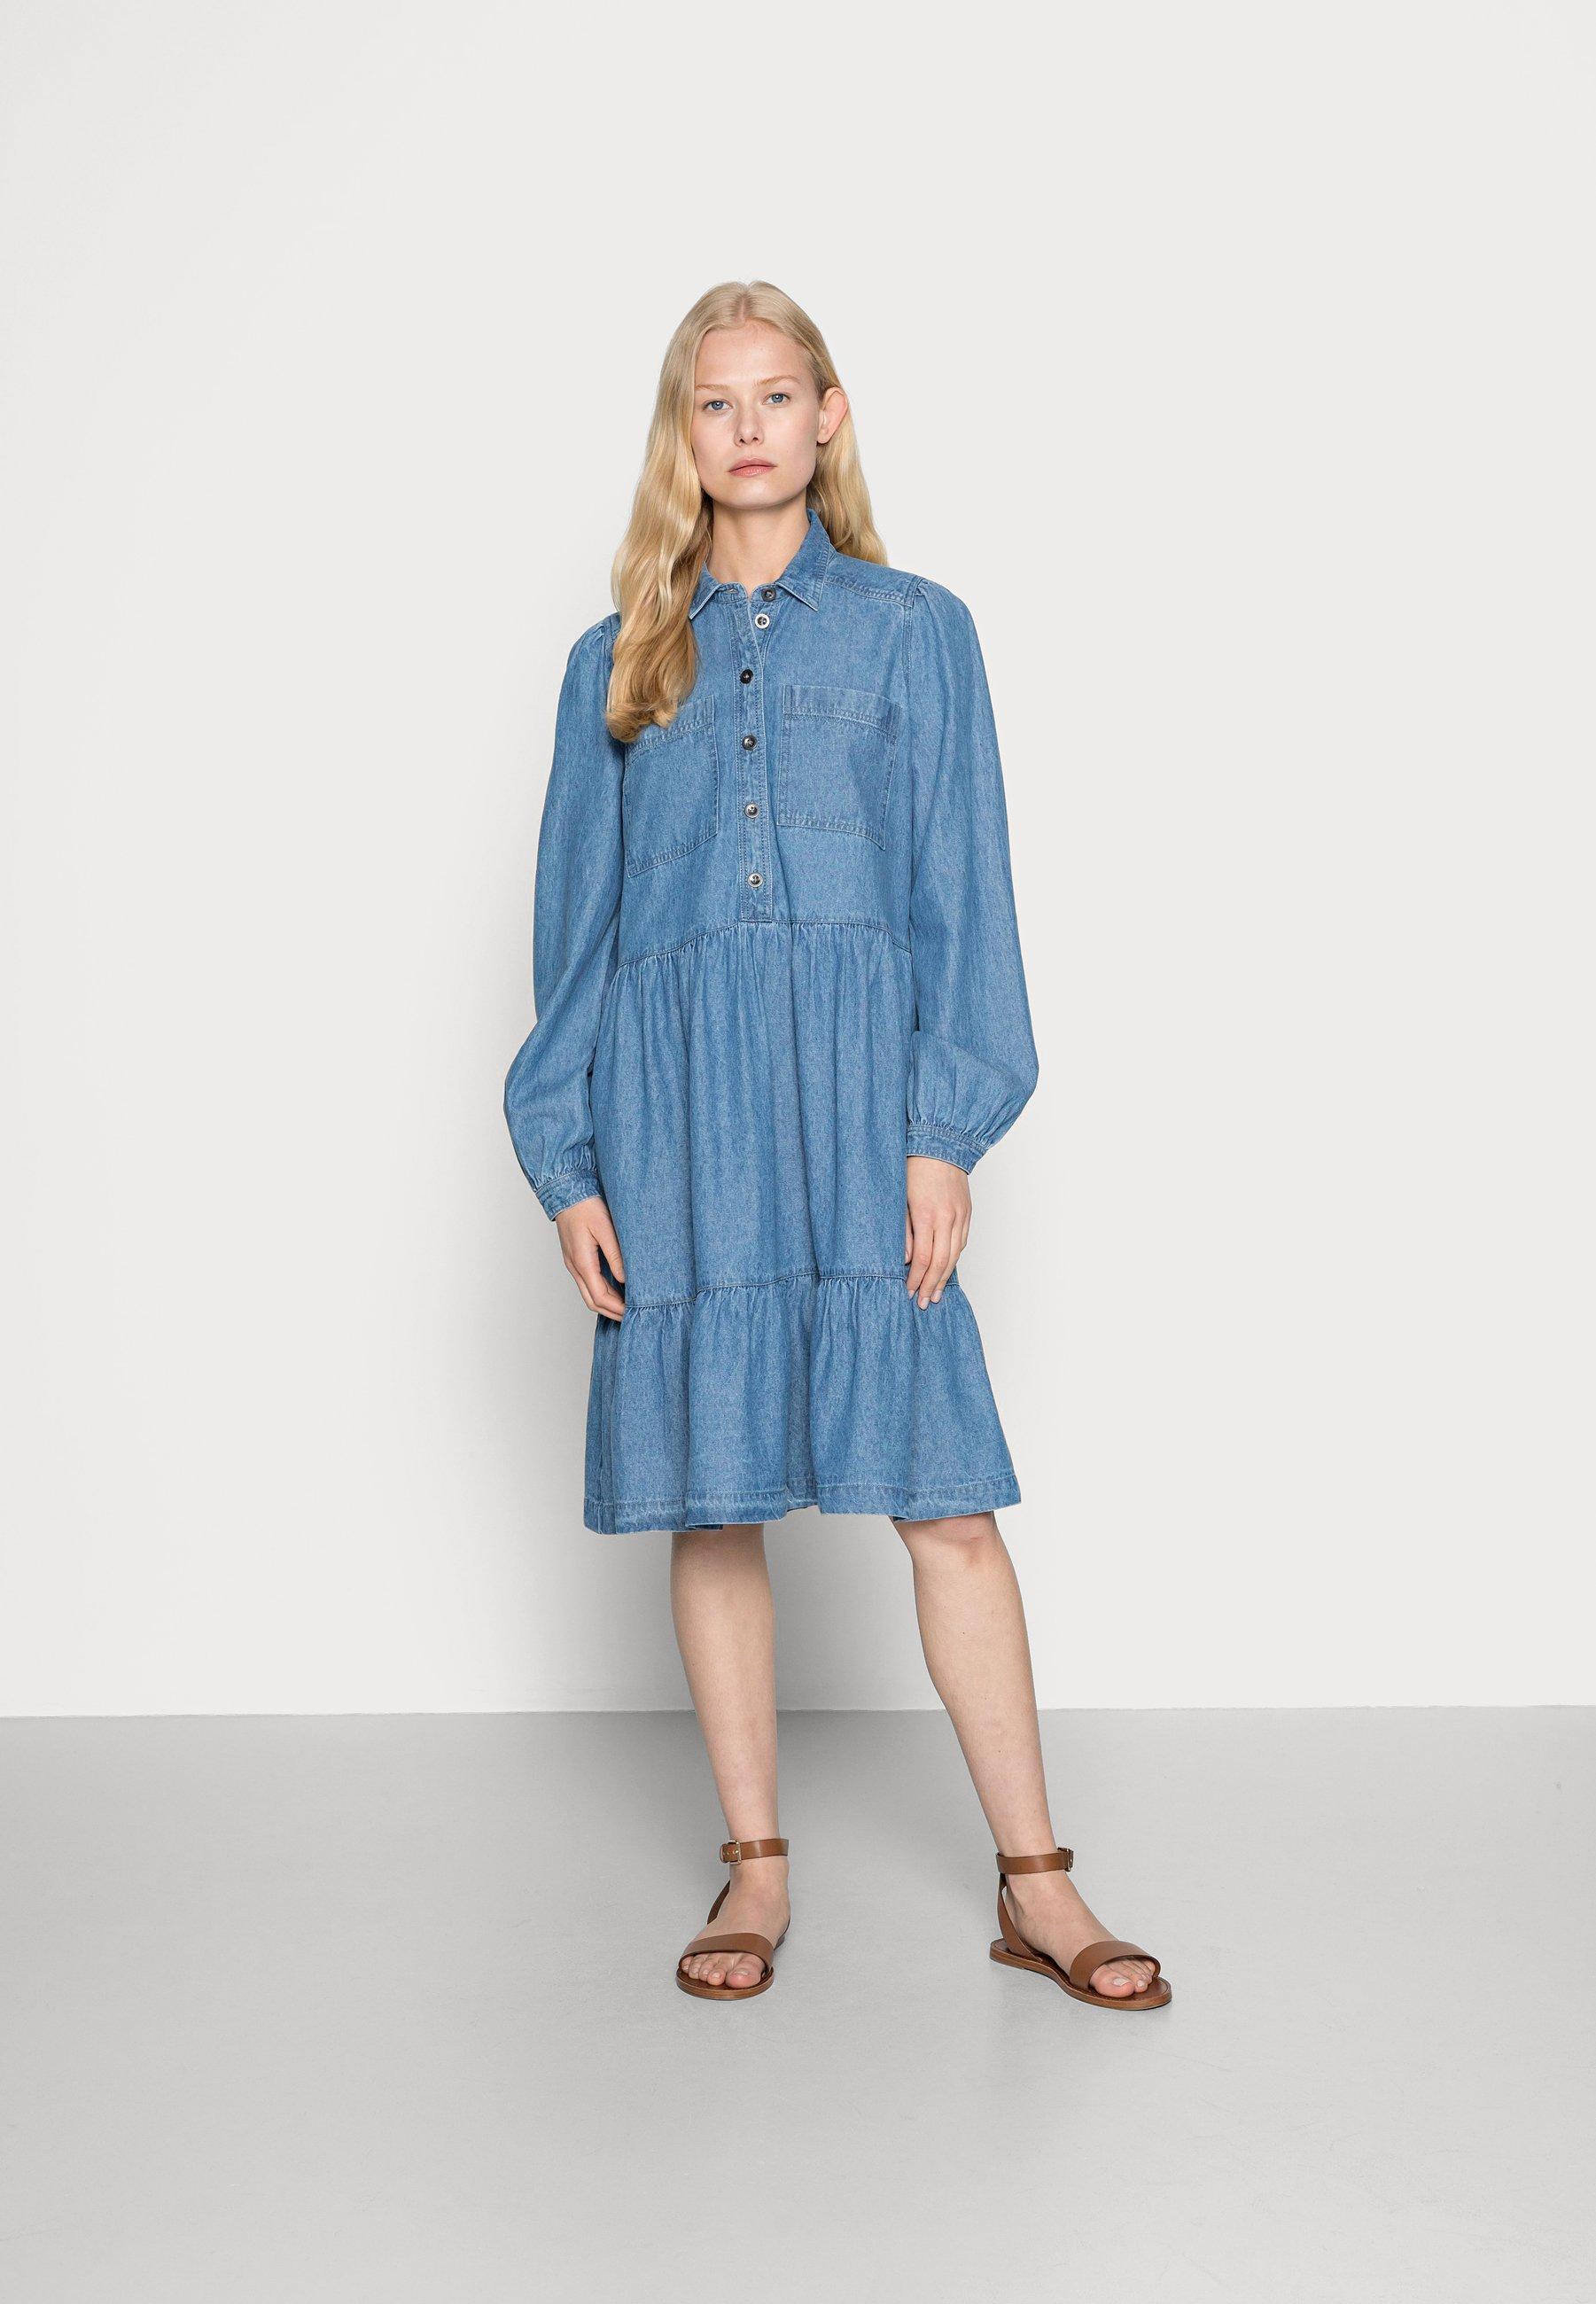 Damer DRESS - Jeanskjole / cowboykjoler